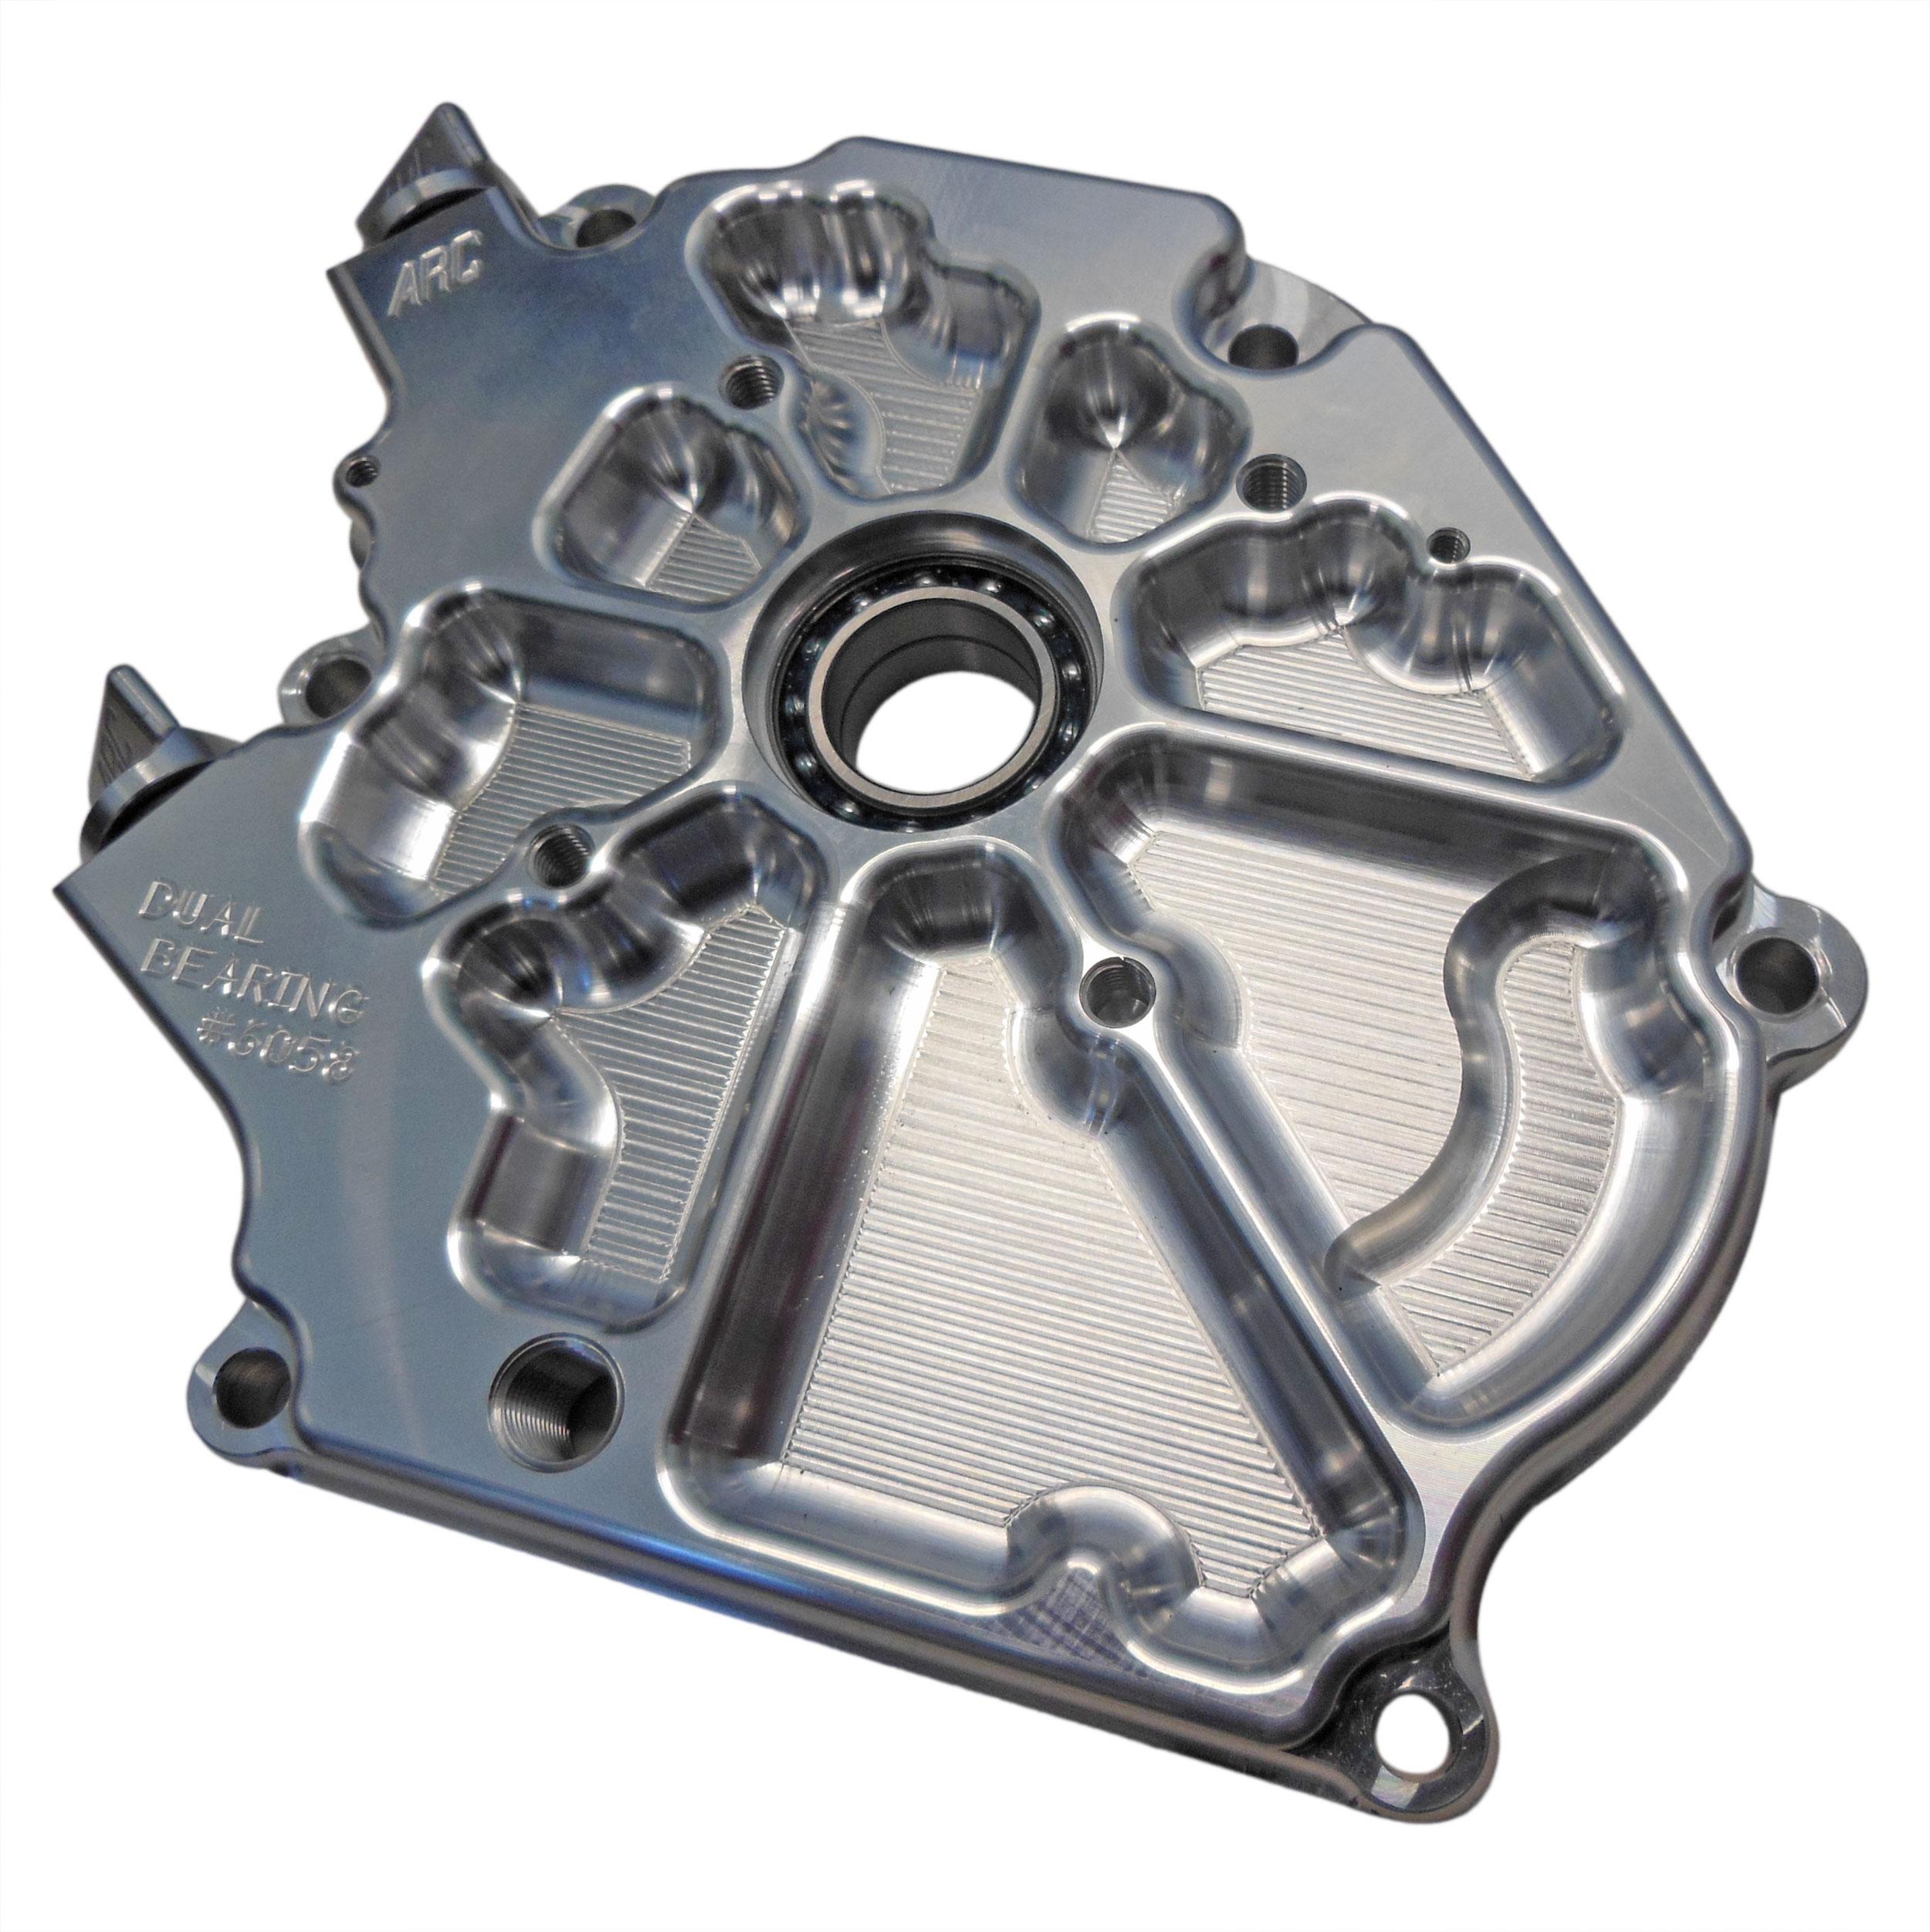 Billet Aluminum Crankcase (Sidecover) fro Predator 212cc (Non-Hemi)